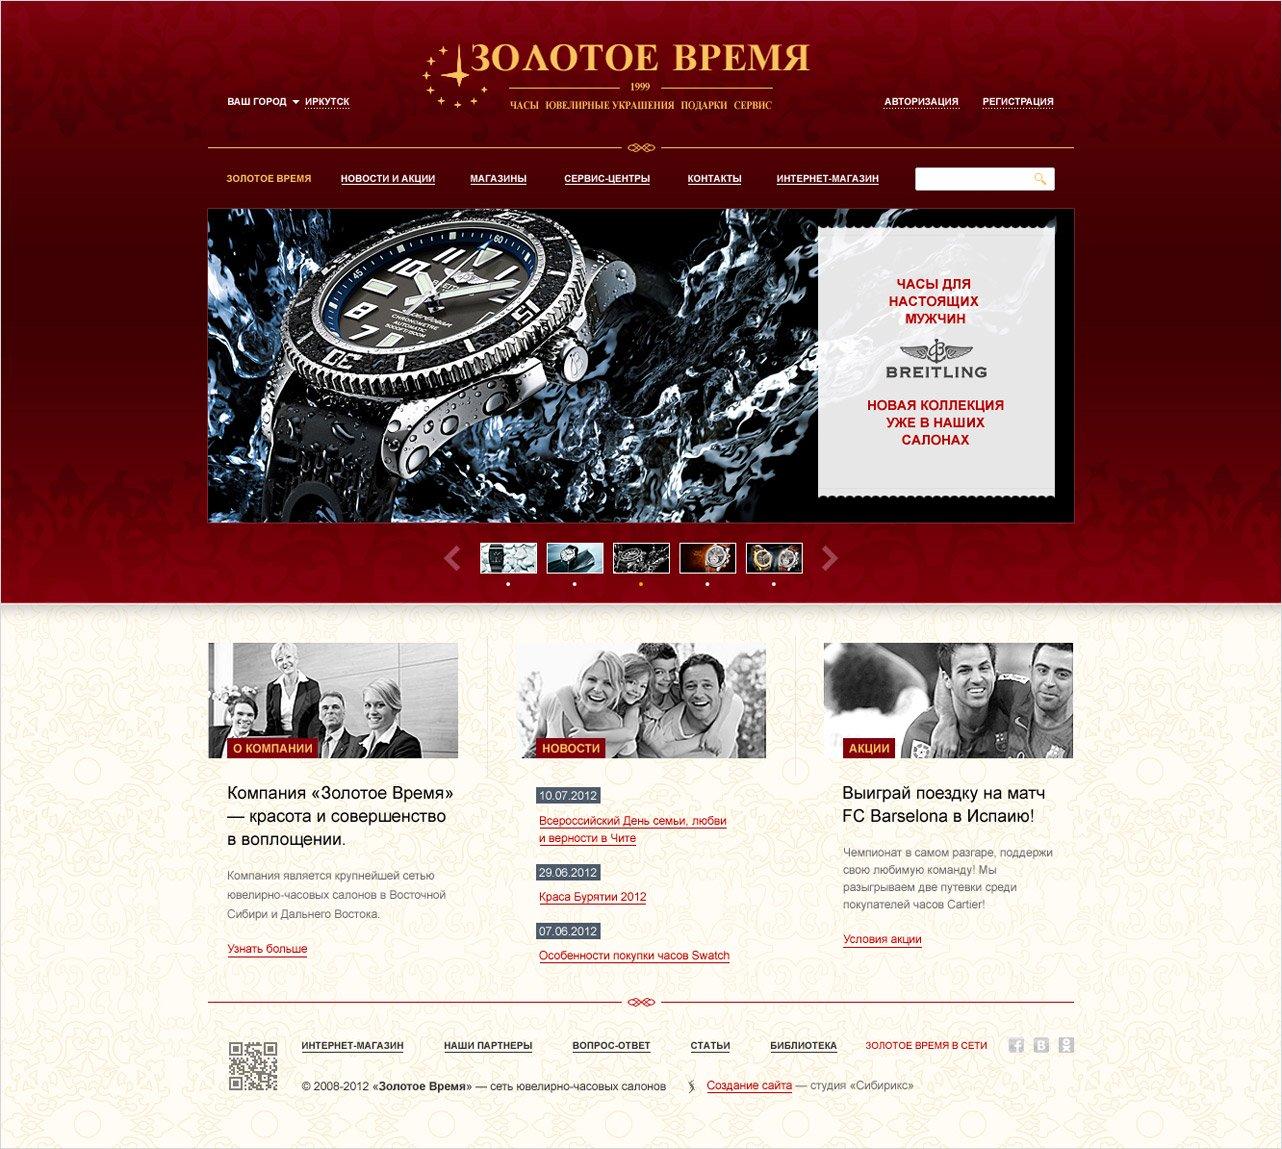 <p><b>Компания представляет эксклюзивные часы престижных марок Zenith, Cartier, Omega, Piaget, Ulysse Nardin, Breitling, <nobr>Jaeger-LeCoultre</nobr></b></p> <p>Посмотреть каталог исделать заказ выможете прямо насайте!</p>